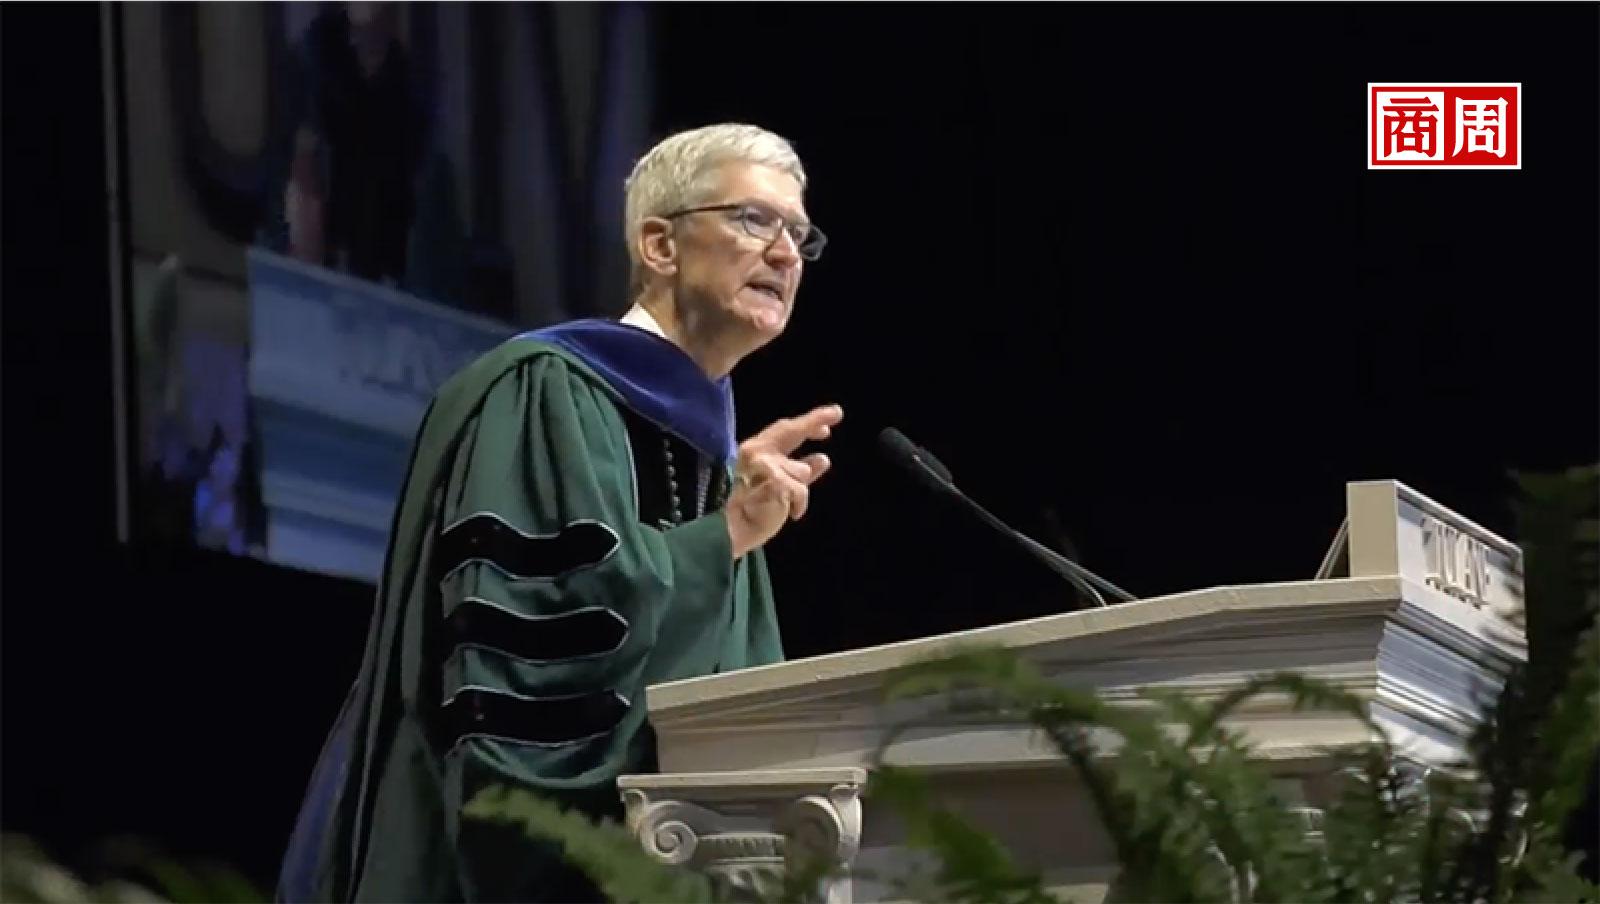 當年在蘋果快破產時加入...庫克跟畢業生談人生選擇:別浪費時間回答有解答的問題